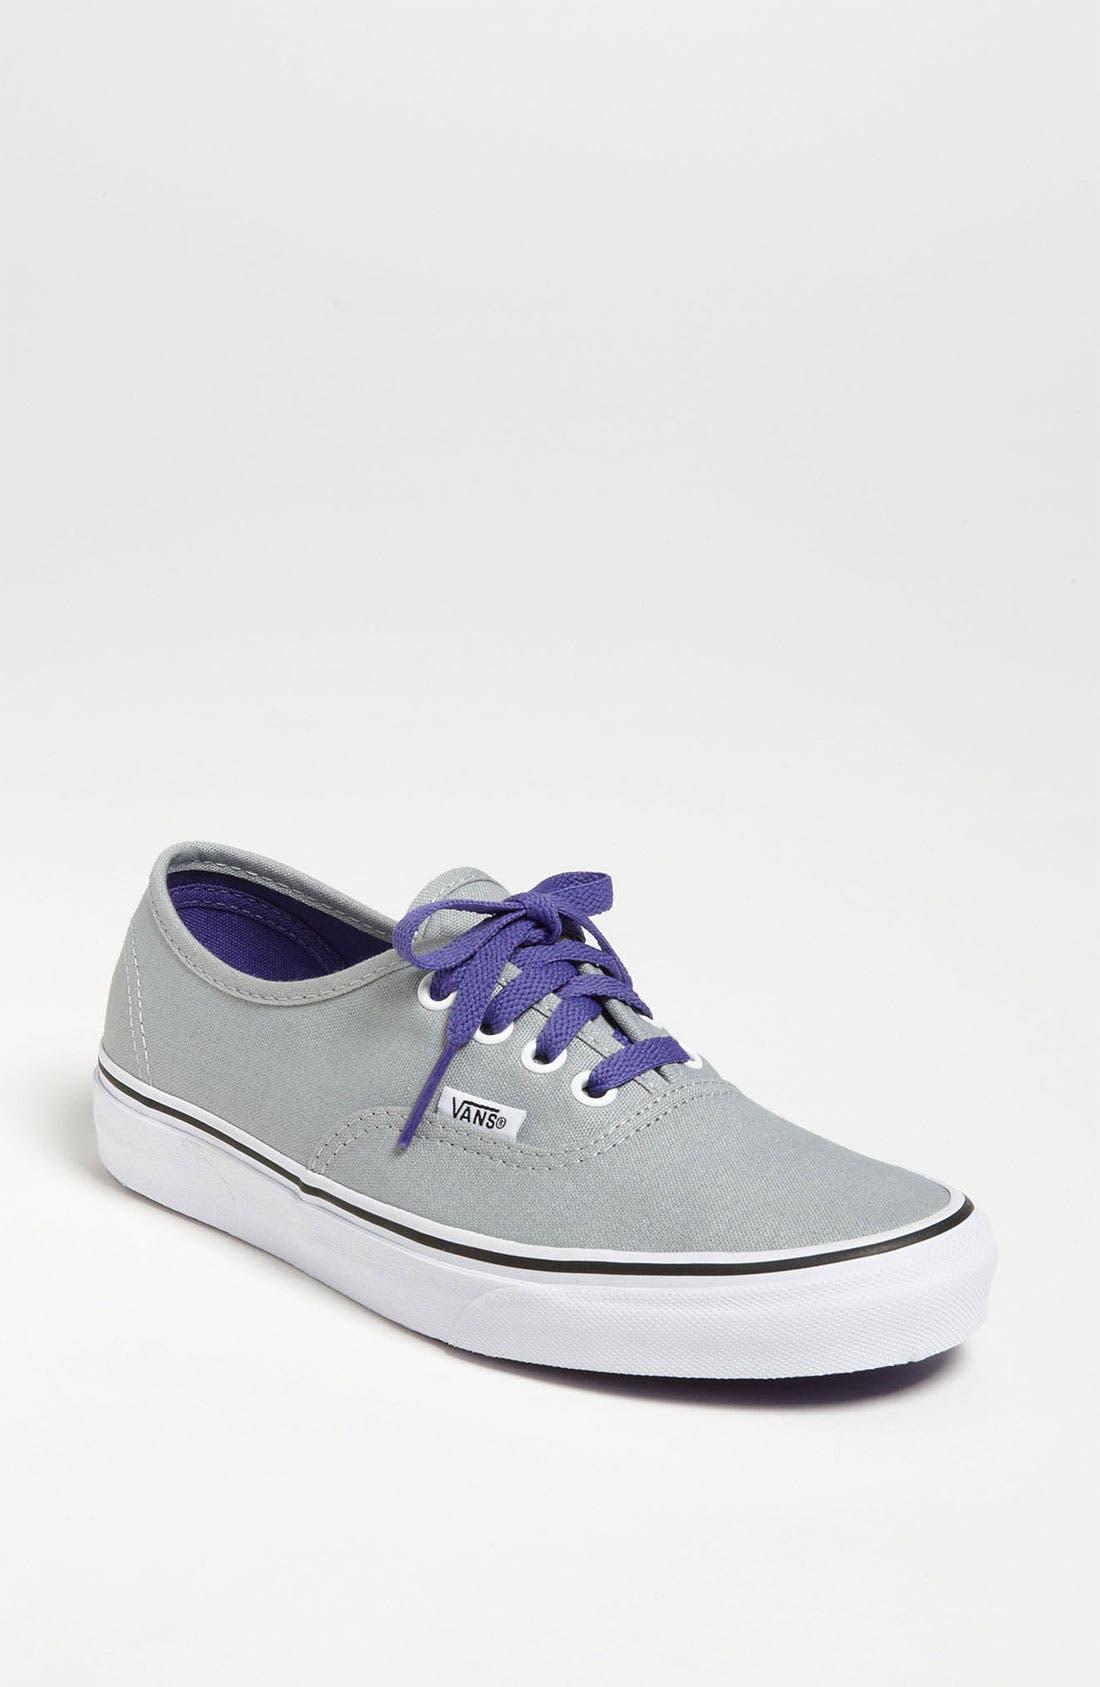 Main Image - Vans 'Authentic - Pop' Sneaker (Women)